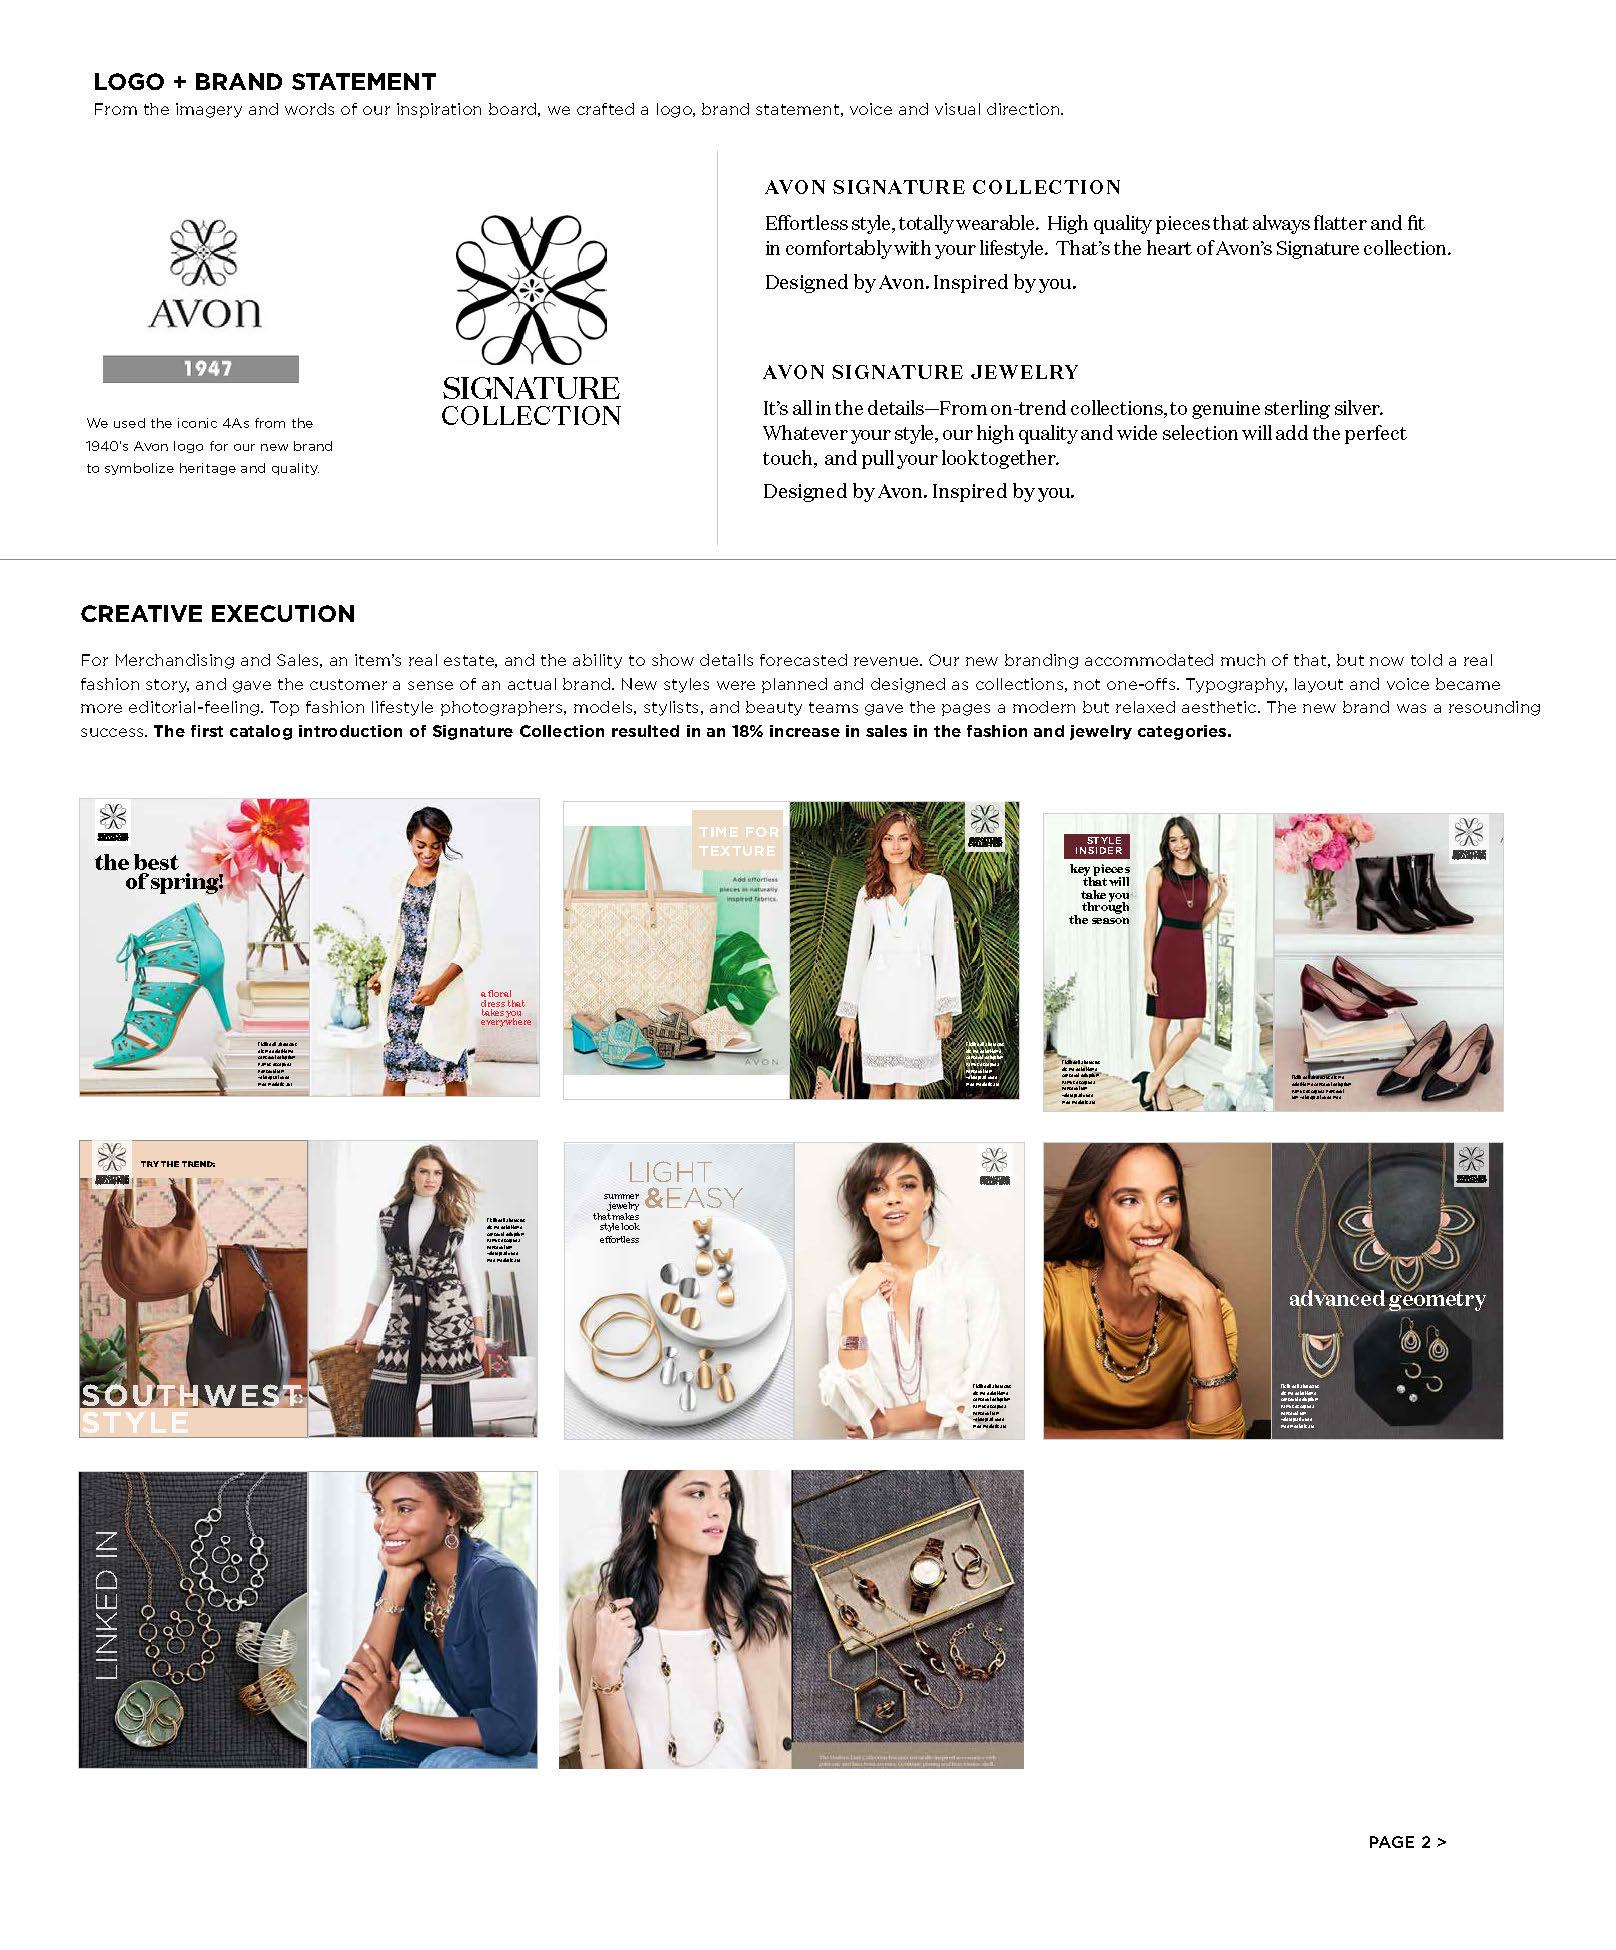 Fashion.Avon.CaseStudy_Page_2.jpg